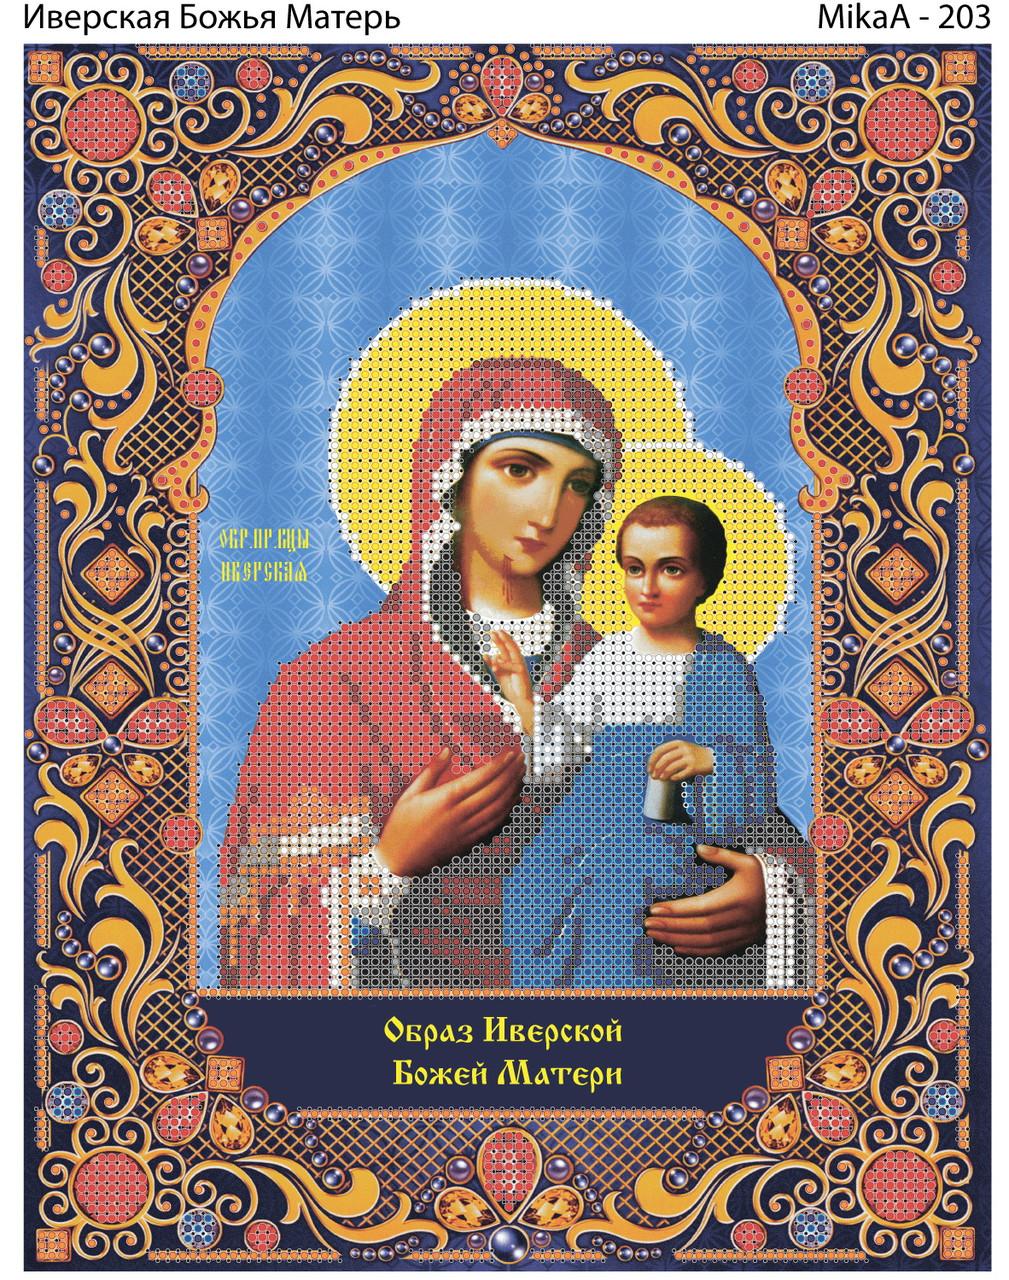 Схема для частичной зашивки бисером - Икона Божией Матери «Иверская»